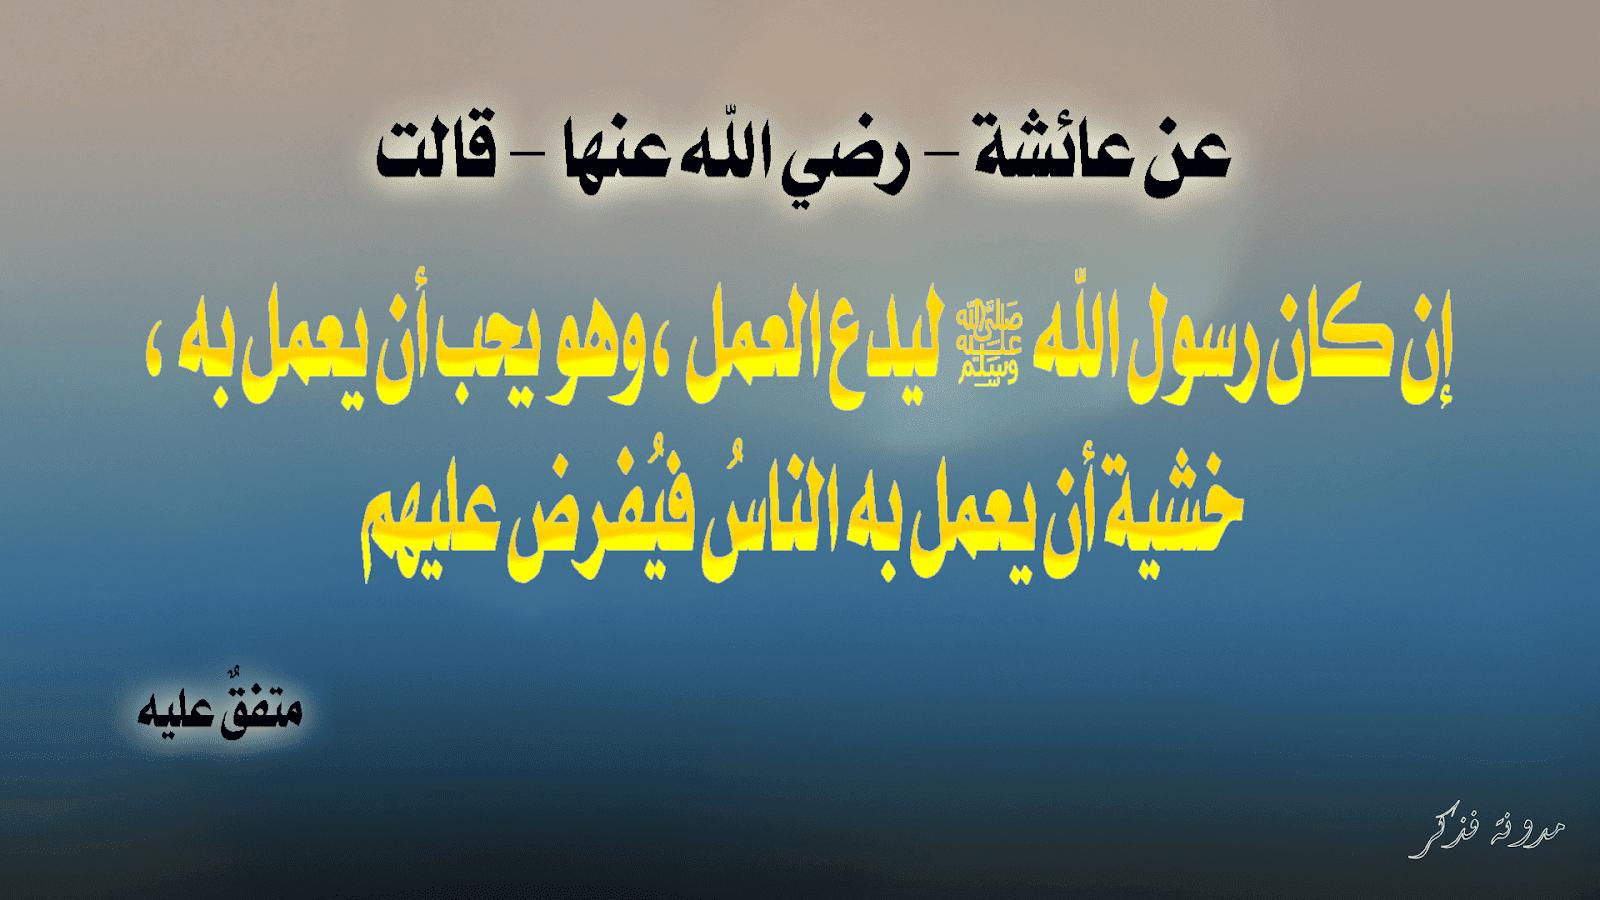 شرح حديث السبدة عائشة إن كان رسول الله صل الله عليه وسلم ليدع العمل وهو يحب أن يعمل به مدونة فذكر